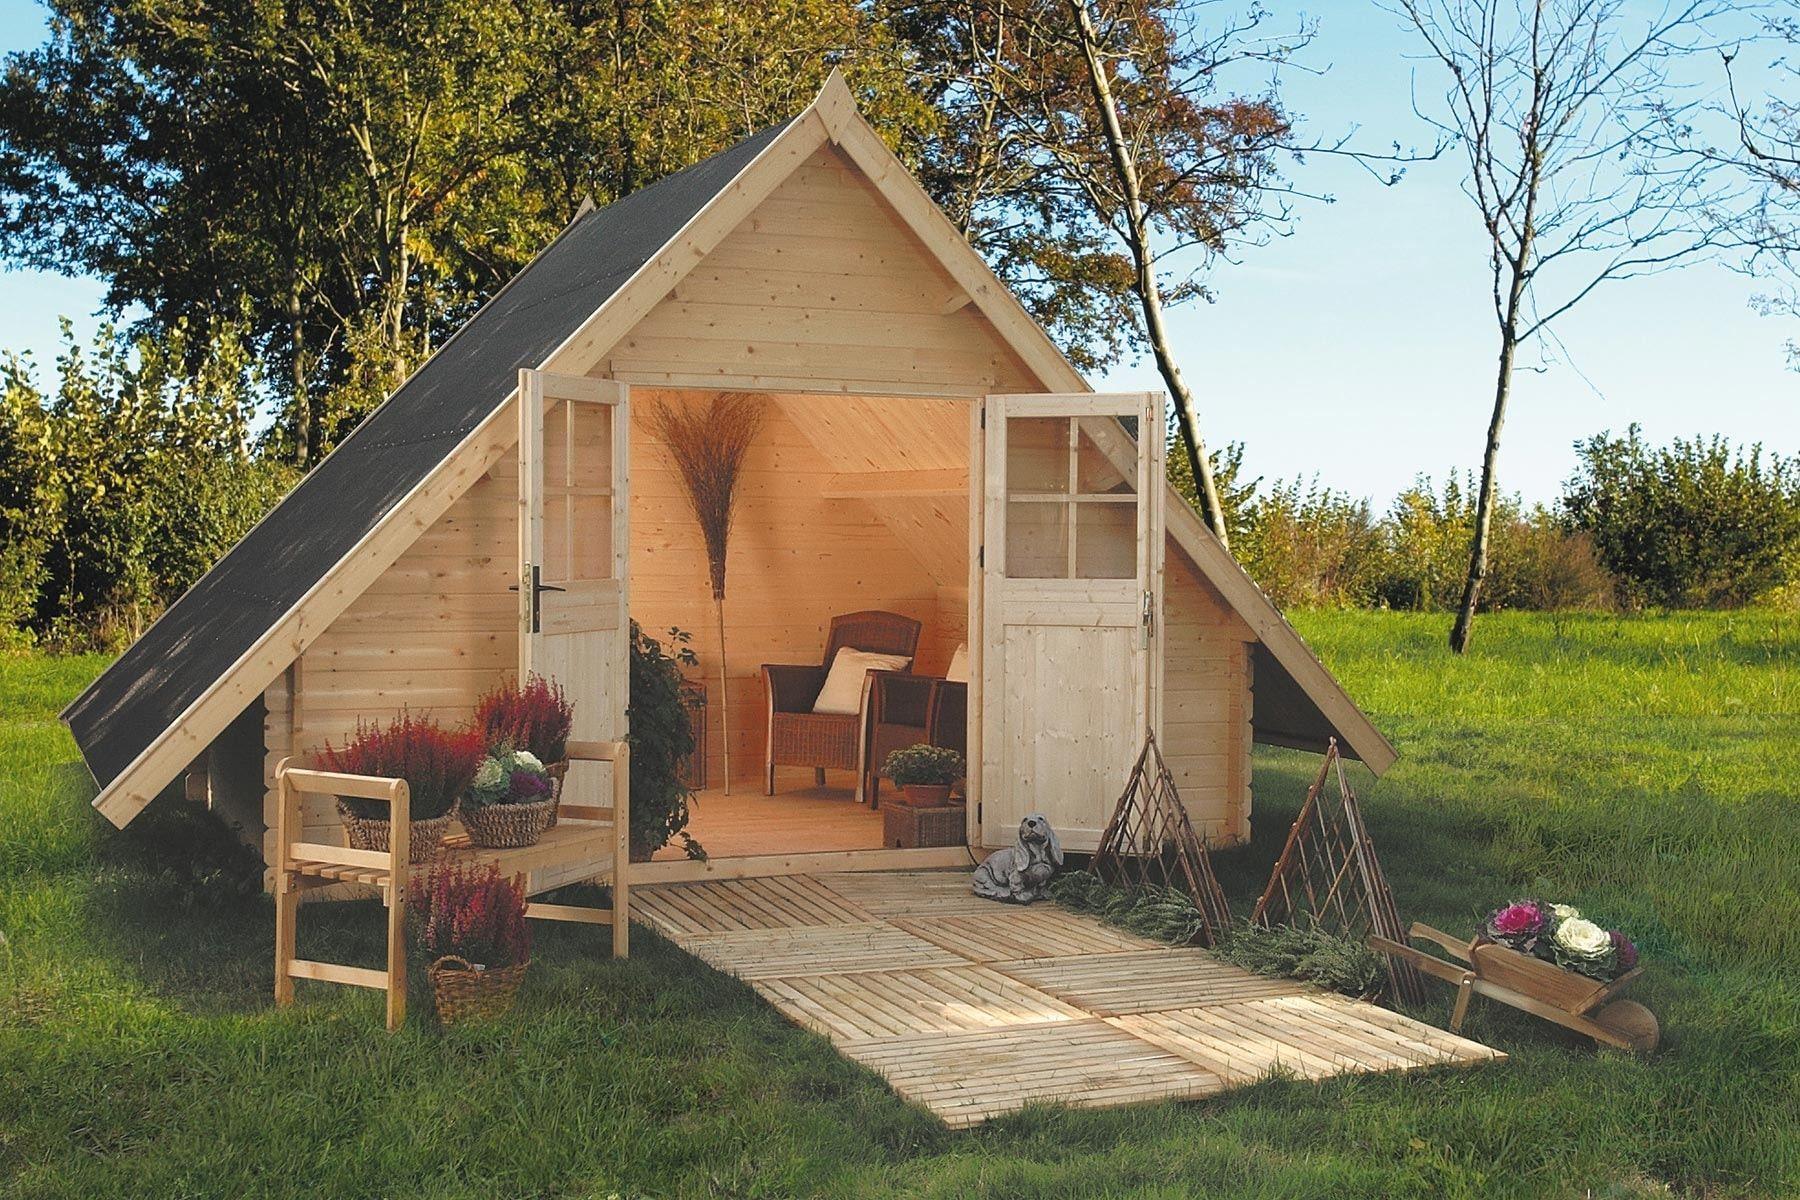 Dax la pyramide dans le jardin des abris et cabanes de for Cabane en bois moderne